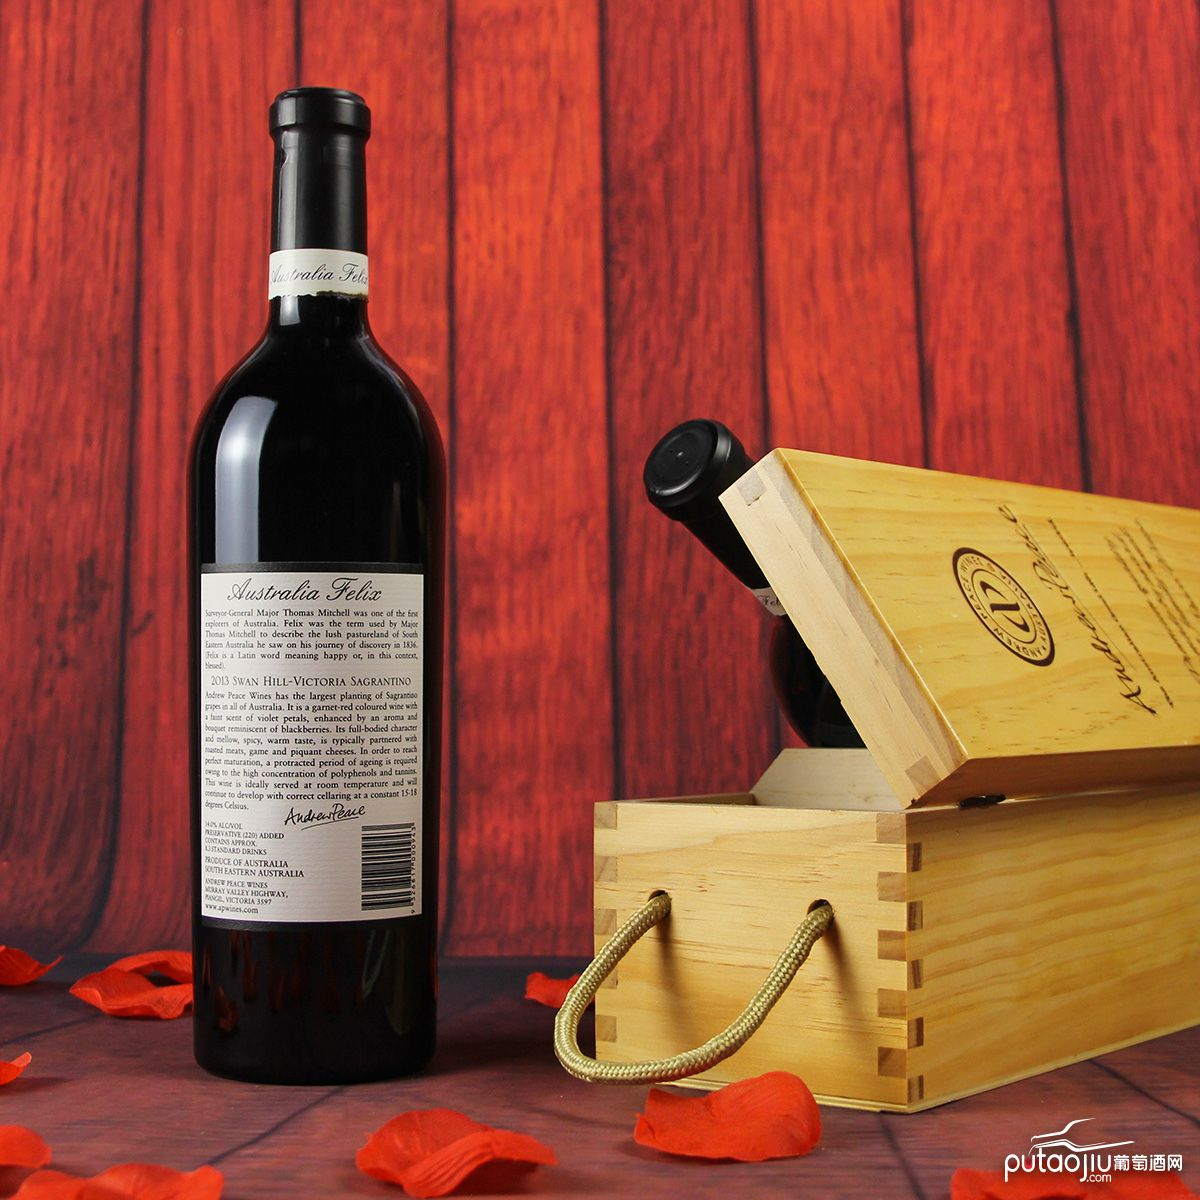 澳大利亚维多利亚安德鲁皮士酒庄菲利斯沙朗提诺干红葡萄酒